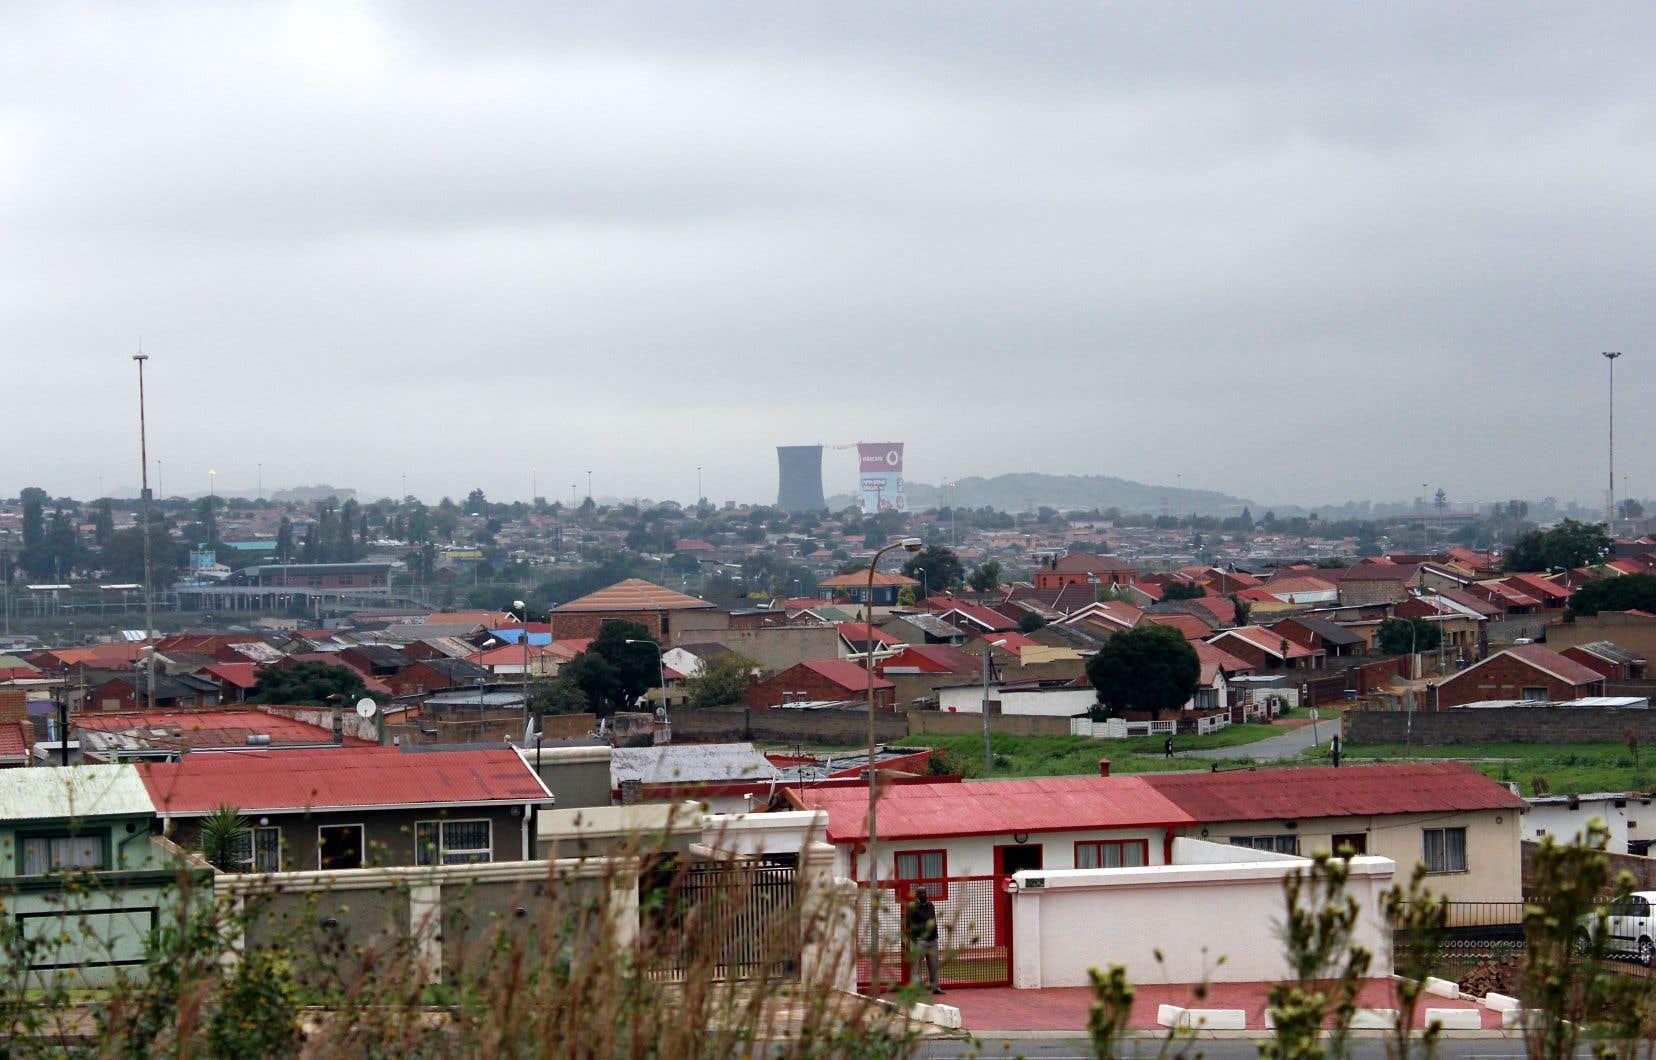 Même si le transport à vélo n'a pas encore été adopté par les habitants du ghetto, les rues de Soweto sont faciles et agréables à sillonner.